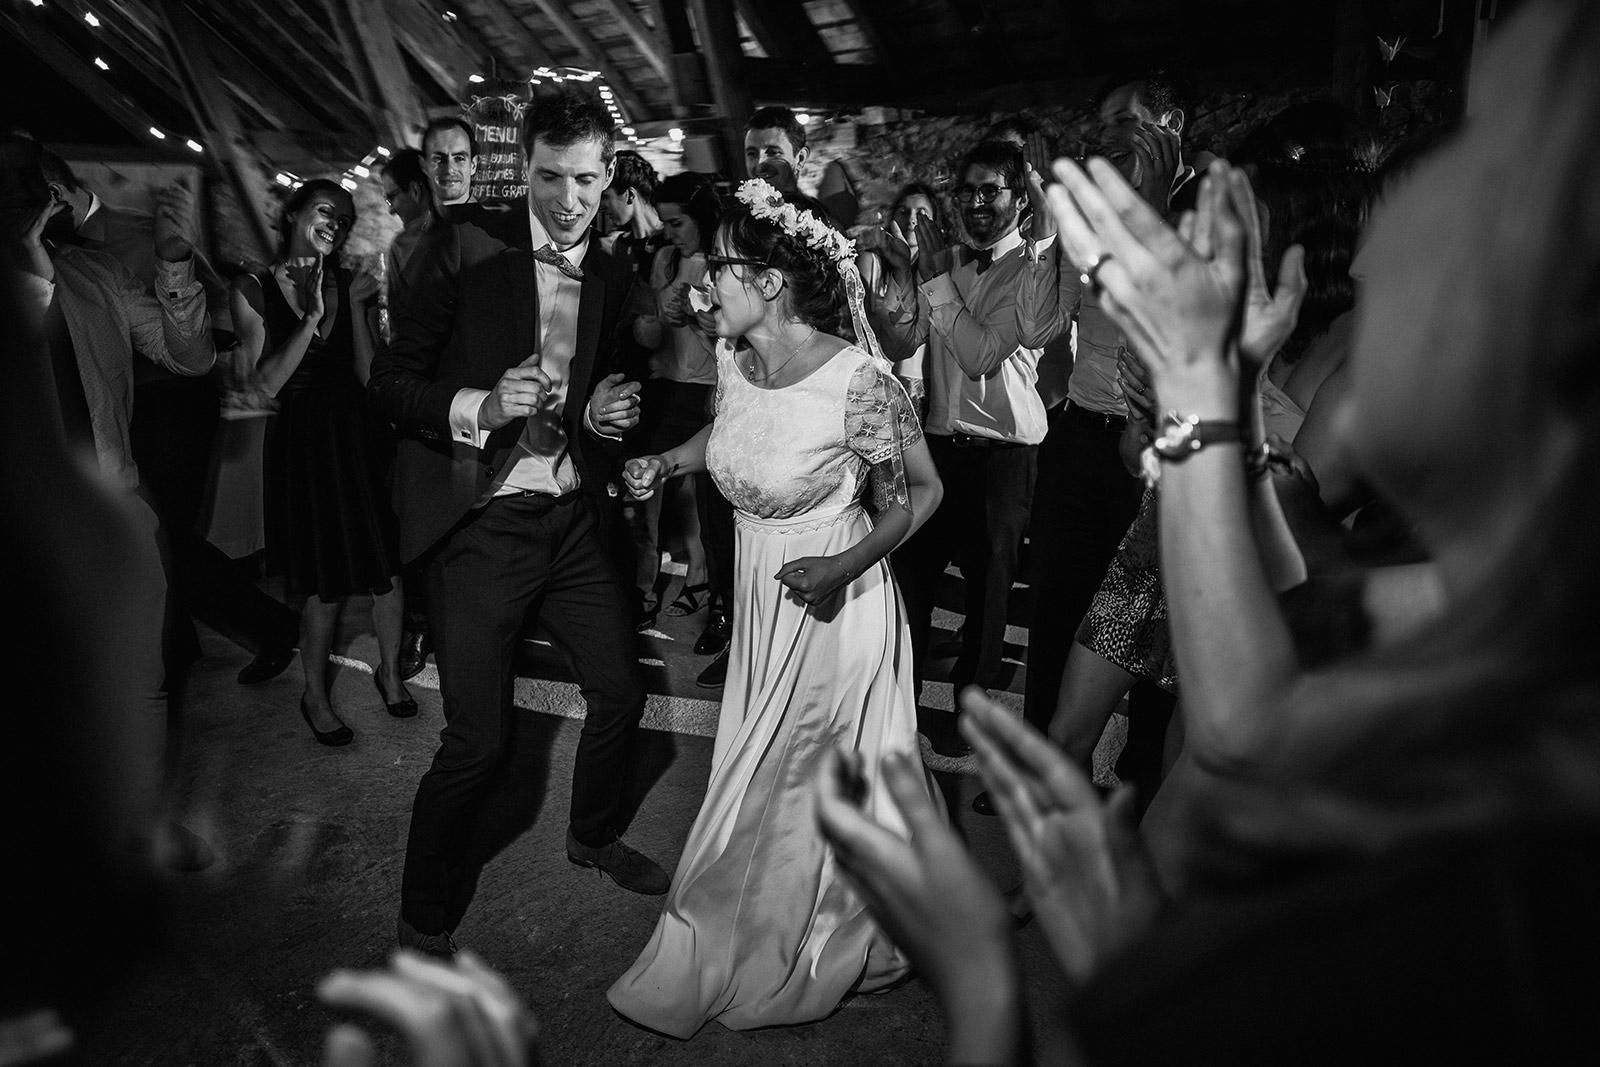 Galerie de photo de mariage David Pommier. Mariage à Grenoble